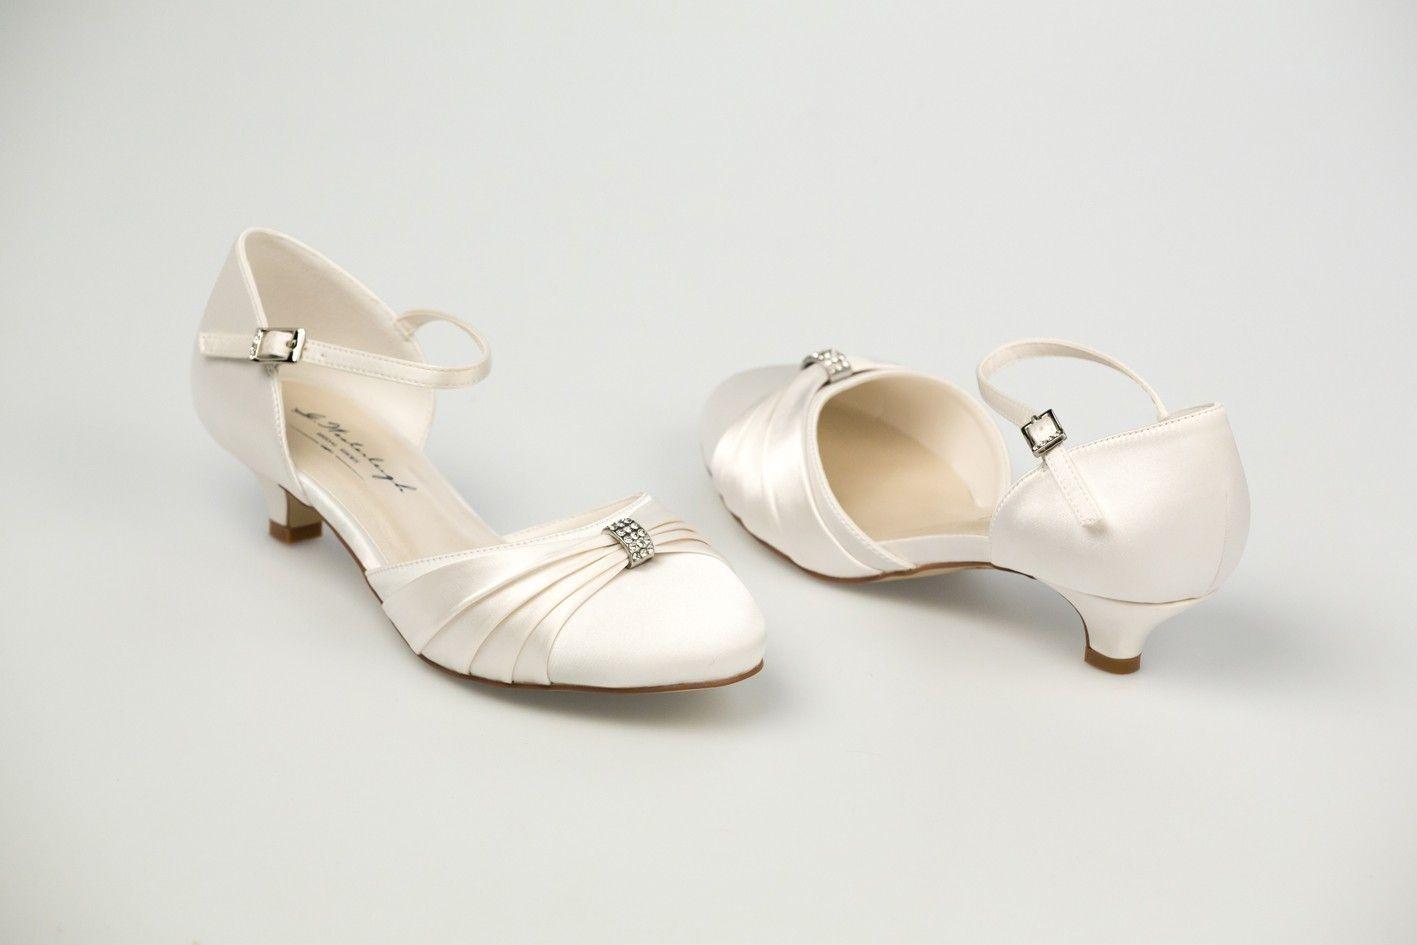 Chaussures de mariée en satin Petit talon de 3 cm